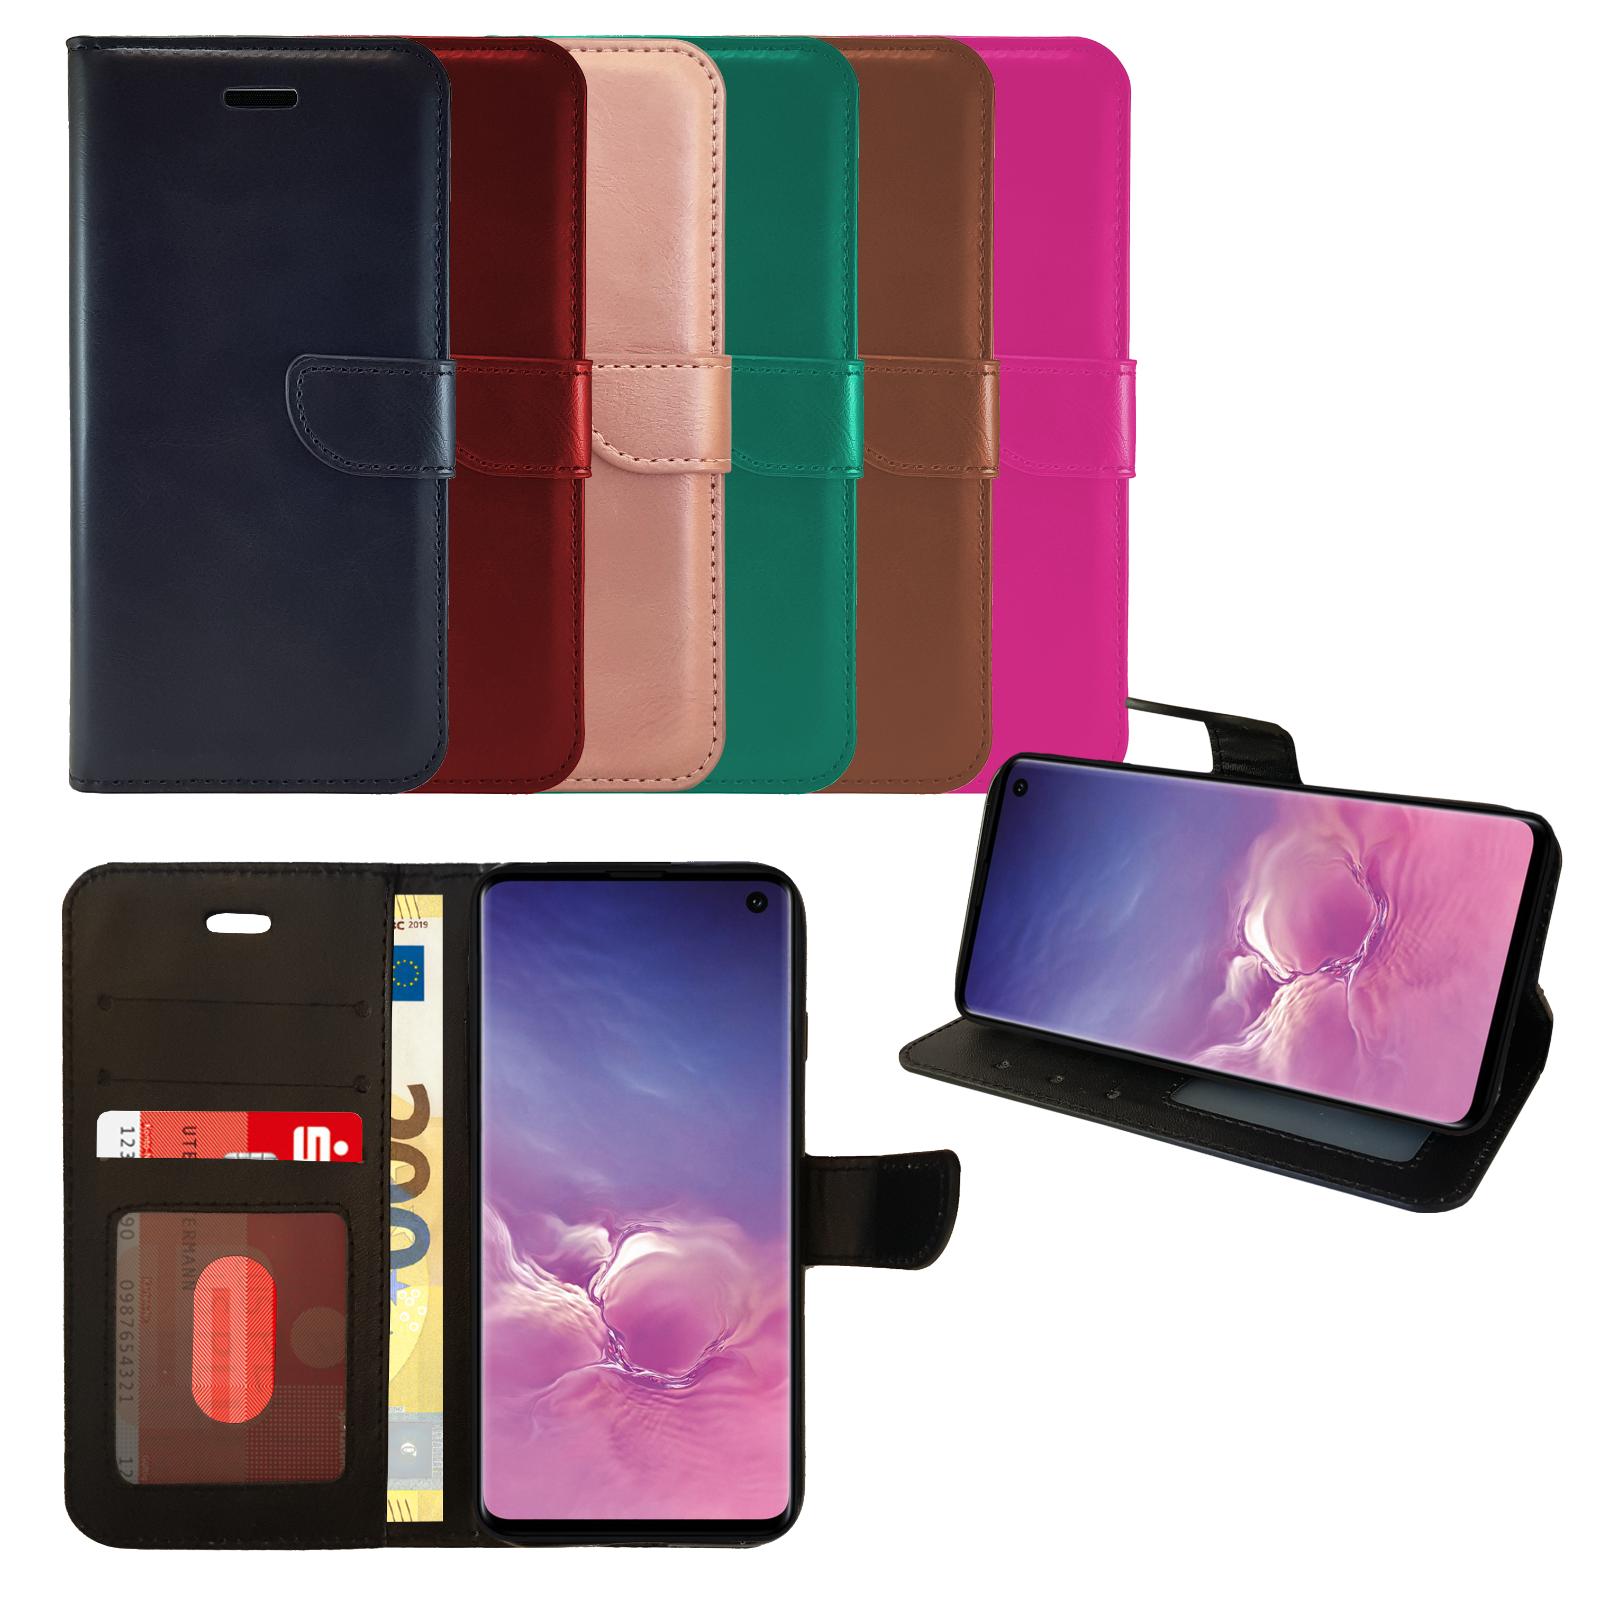 PREMIUM Samsung Handy Tasche Schutz Hülle Book Case Flip Cover Handytasche Etui